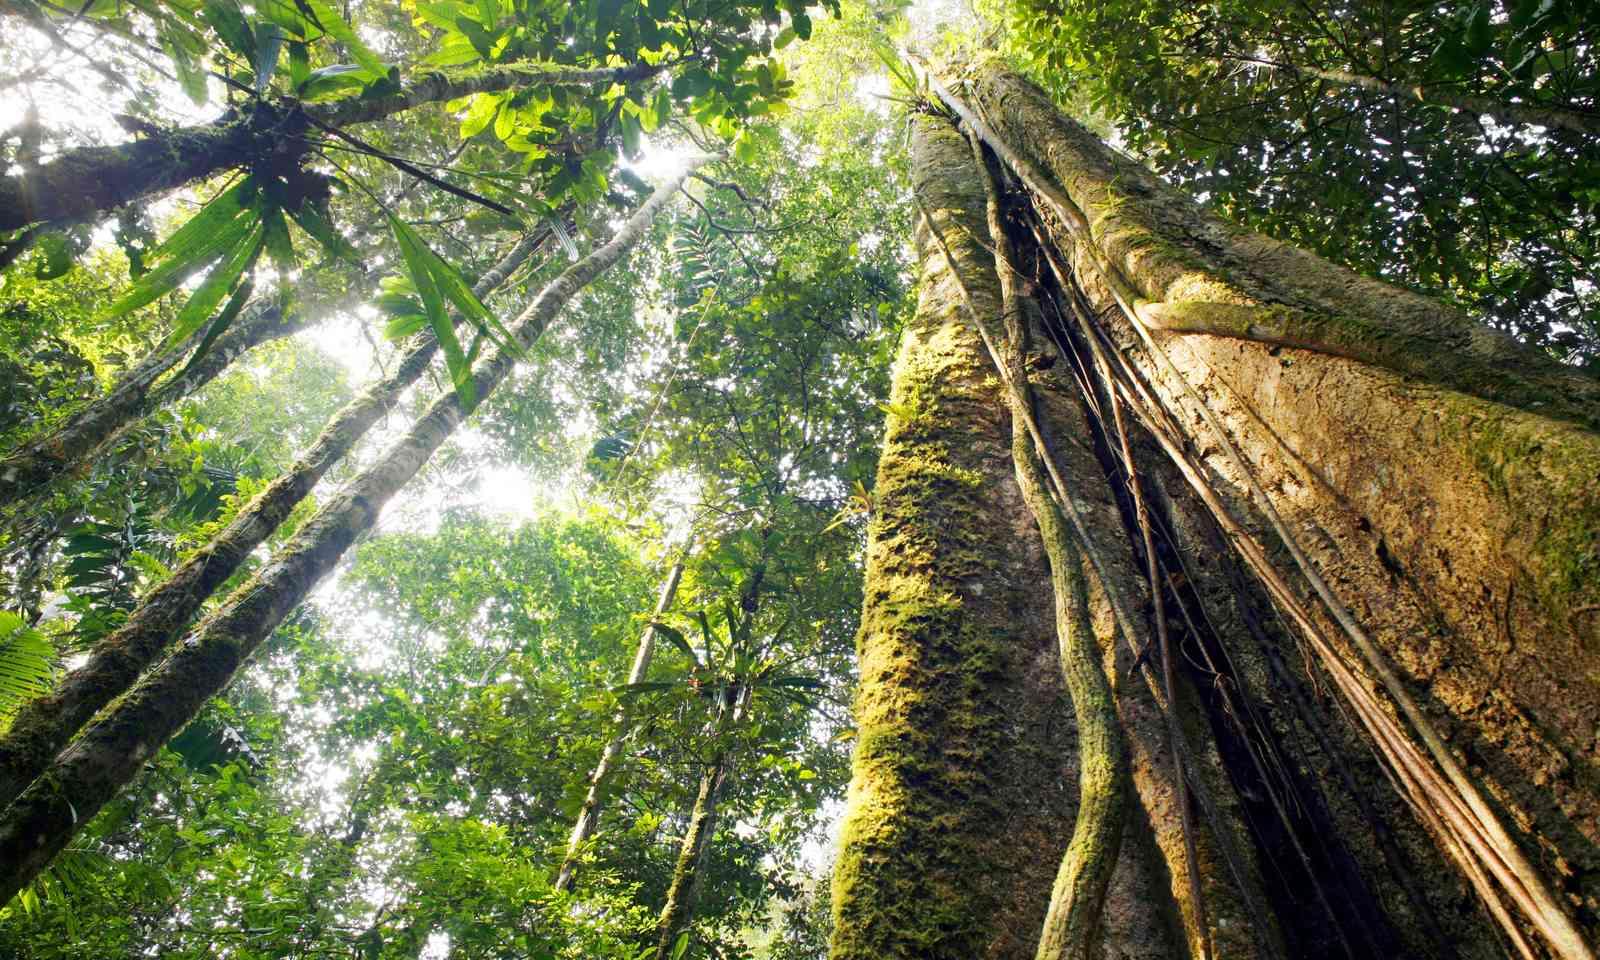 Giant rainforest tree, Ecuador (Shutterstock.com)